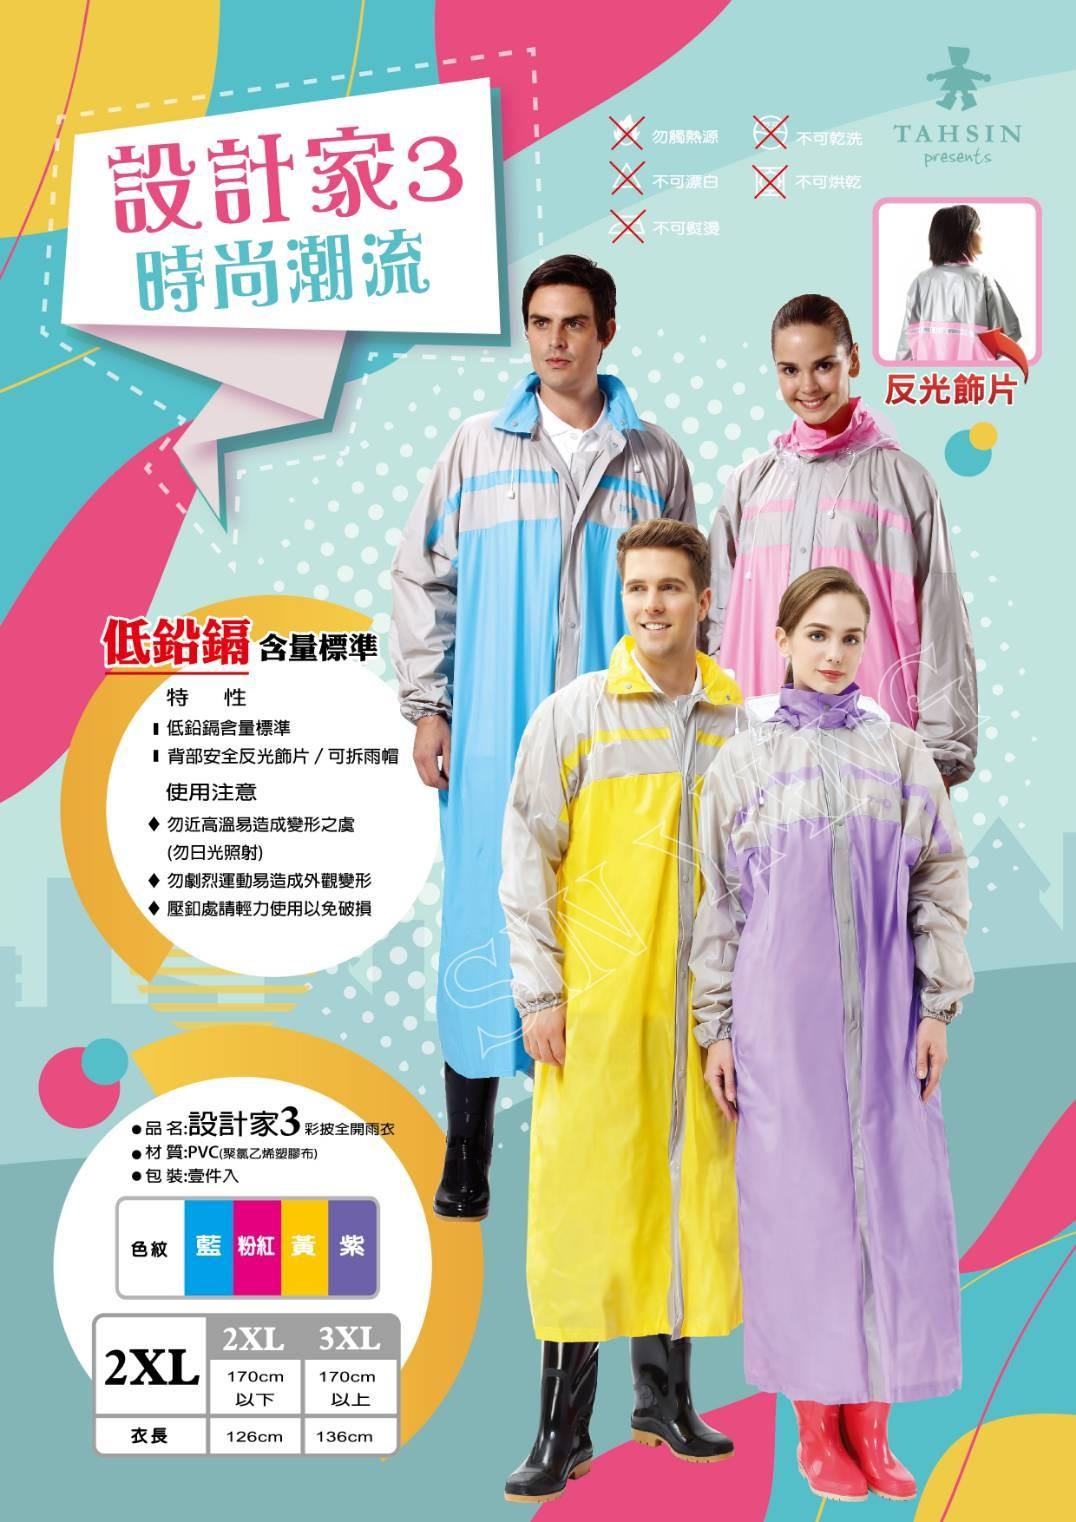 【達新牌】設計家彩披3代環保雨衣:B35藍色、B36粉紅色、B37黃色、B38紫色、B65綠